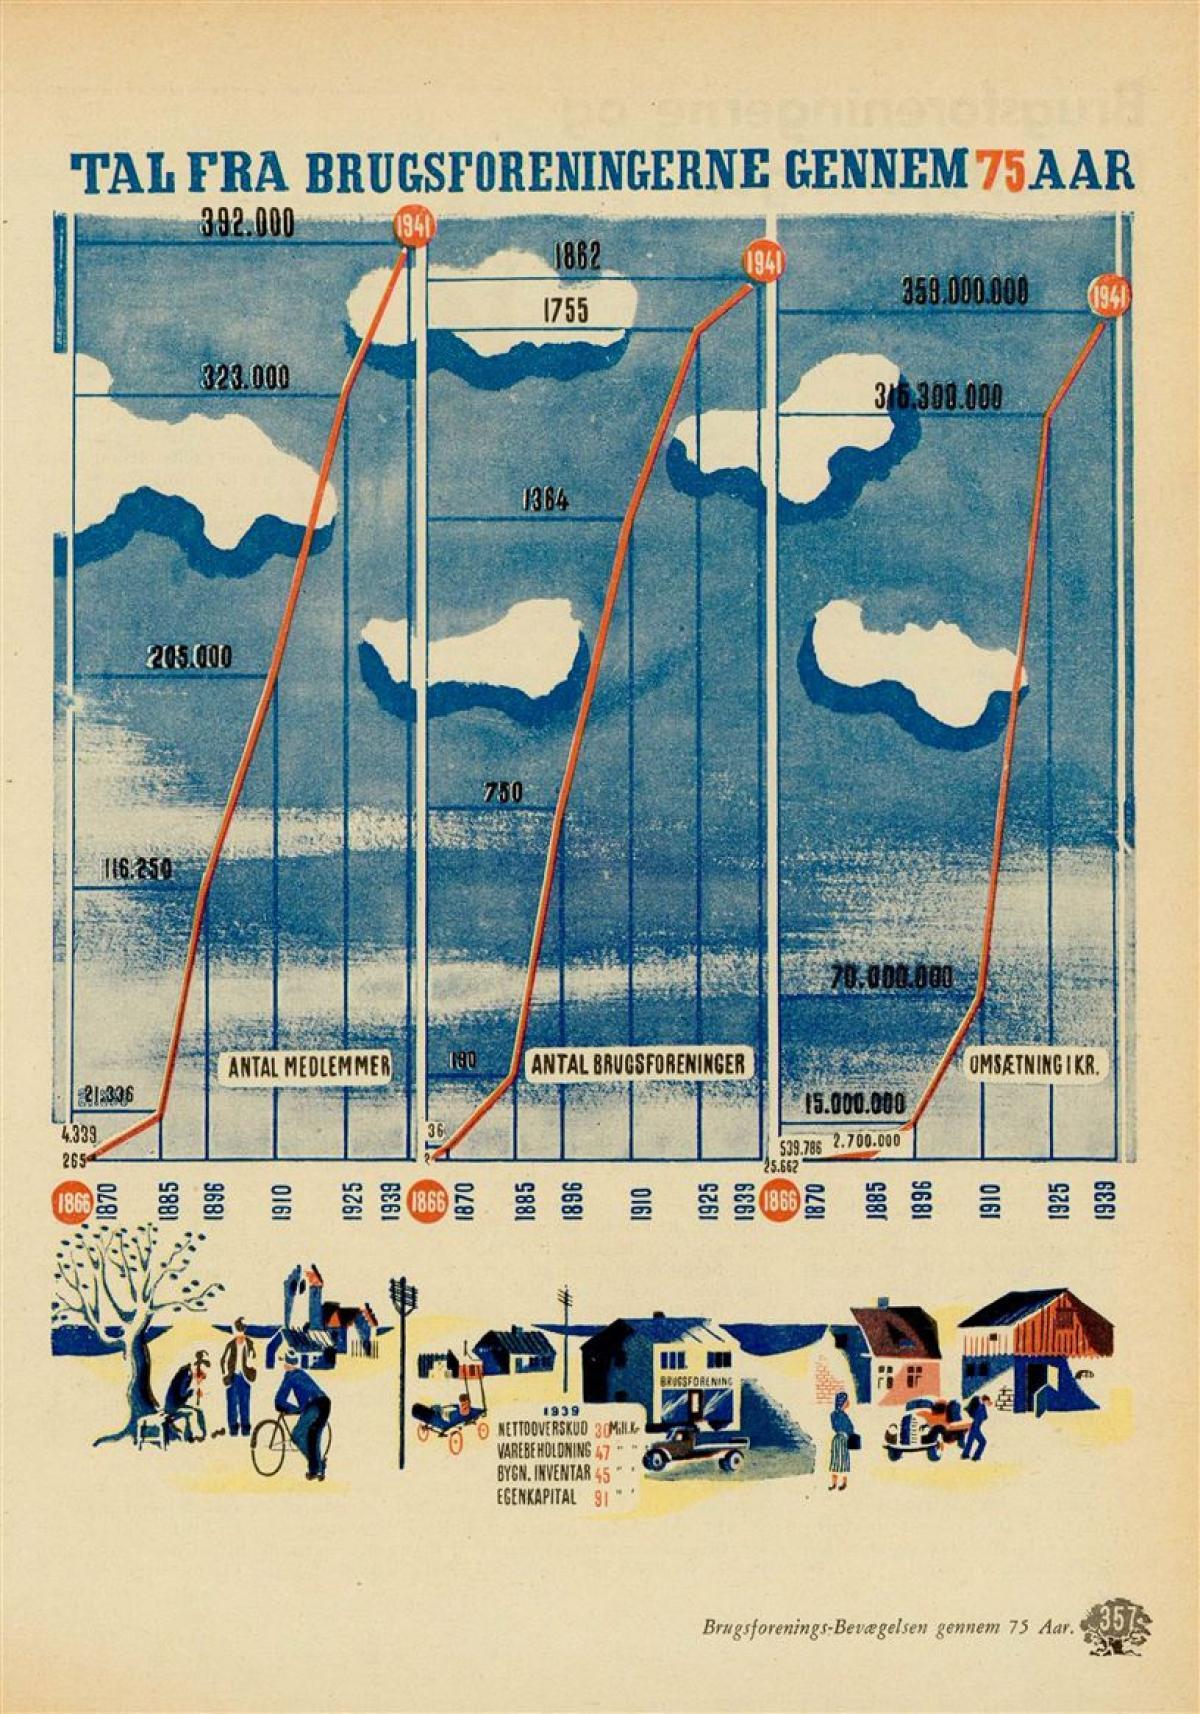 75 års tal Samvirke   75 års arbejde i tal 75 års tal